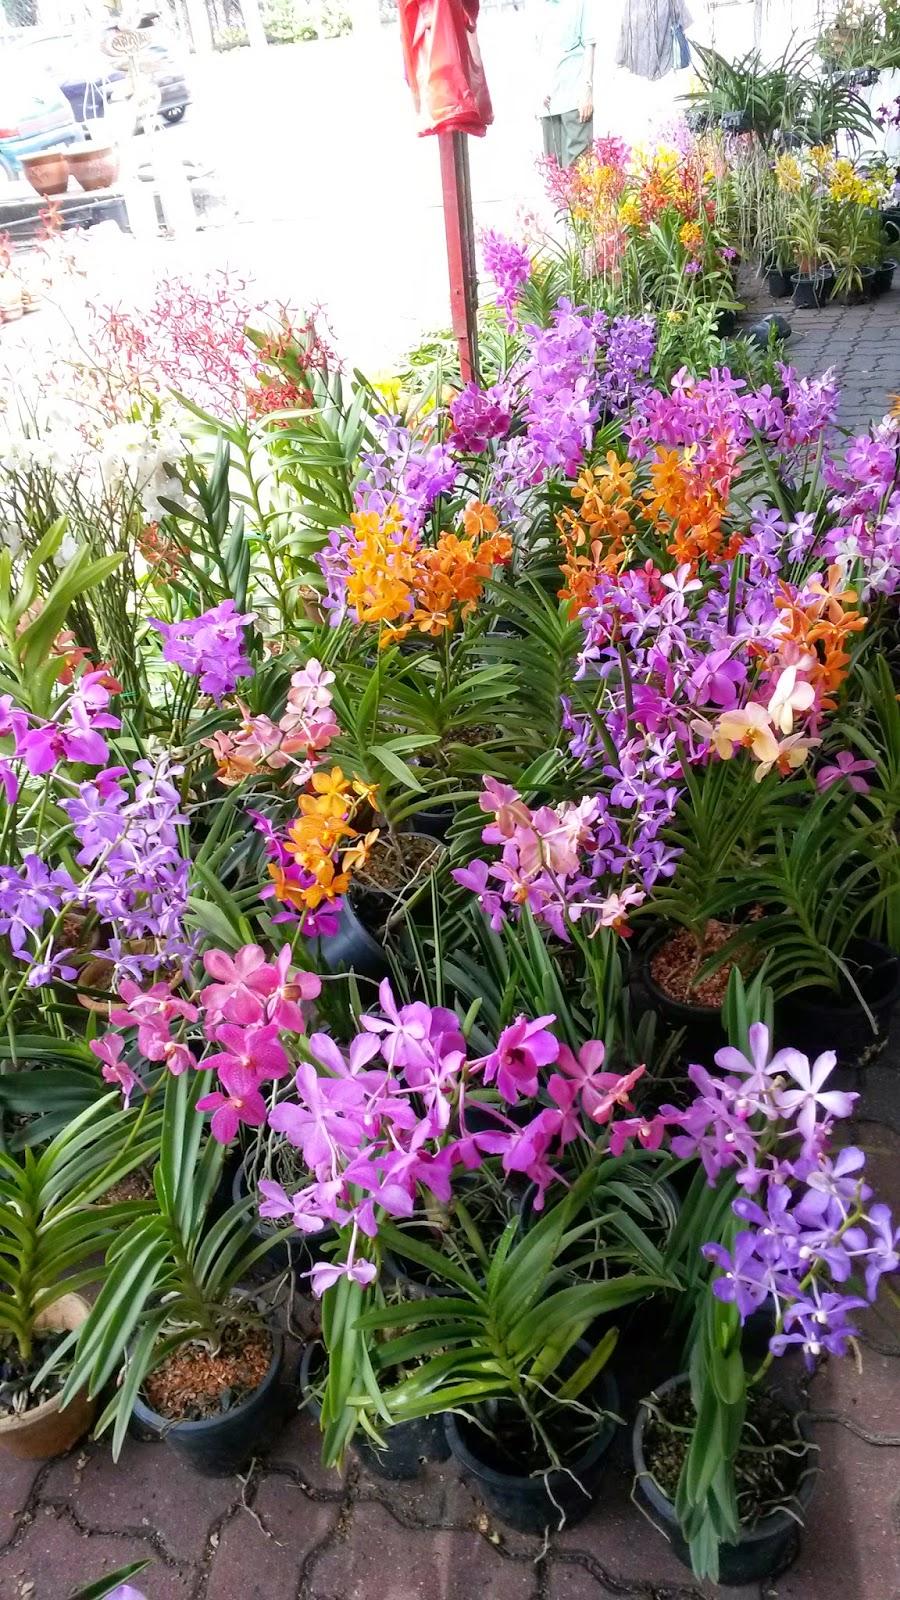 Pesta orkid,pesta orkid di perlis ,bunga orkid ,warna bunga orkid,cara penjagaan pokok orkid,penjagaan bunga orkid ,baja bunga orkid,cara penjagaan pokok orkid , bunga orkid kembang